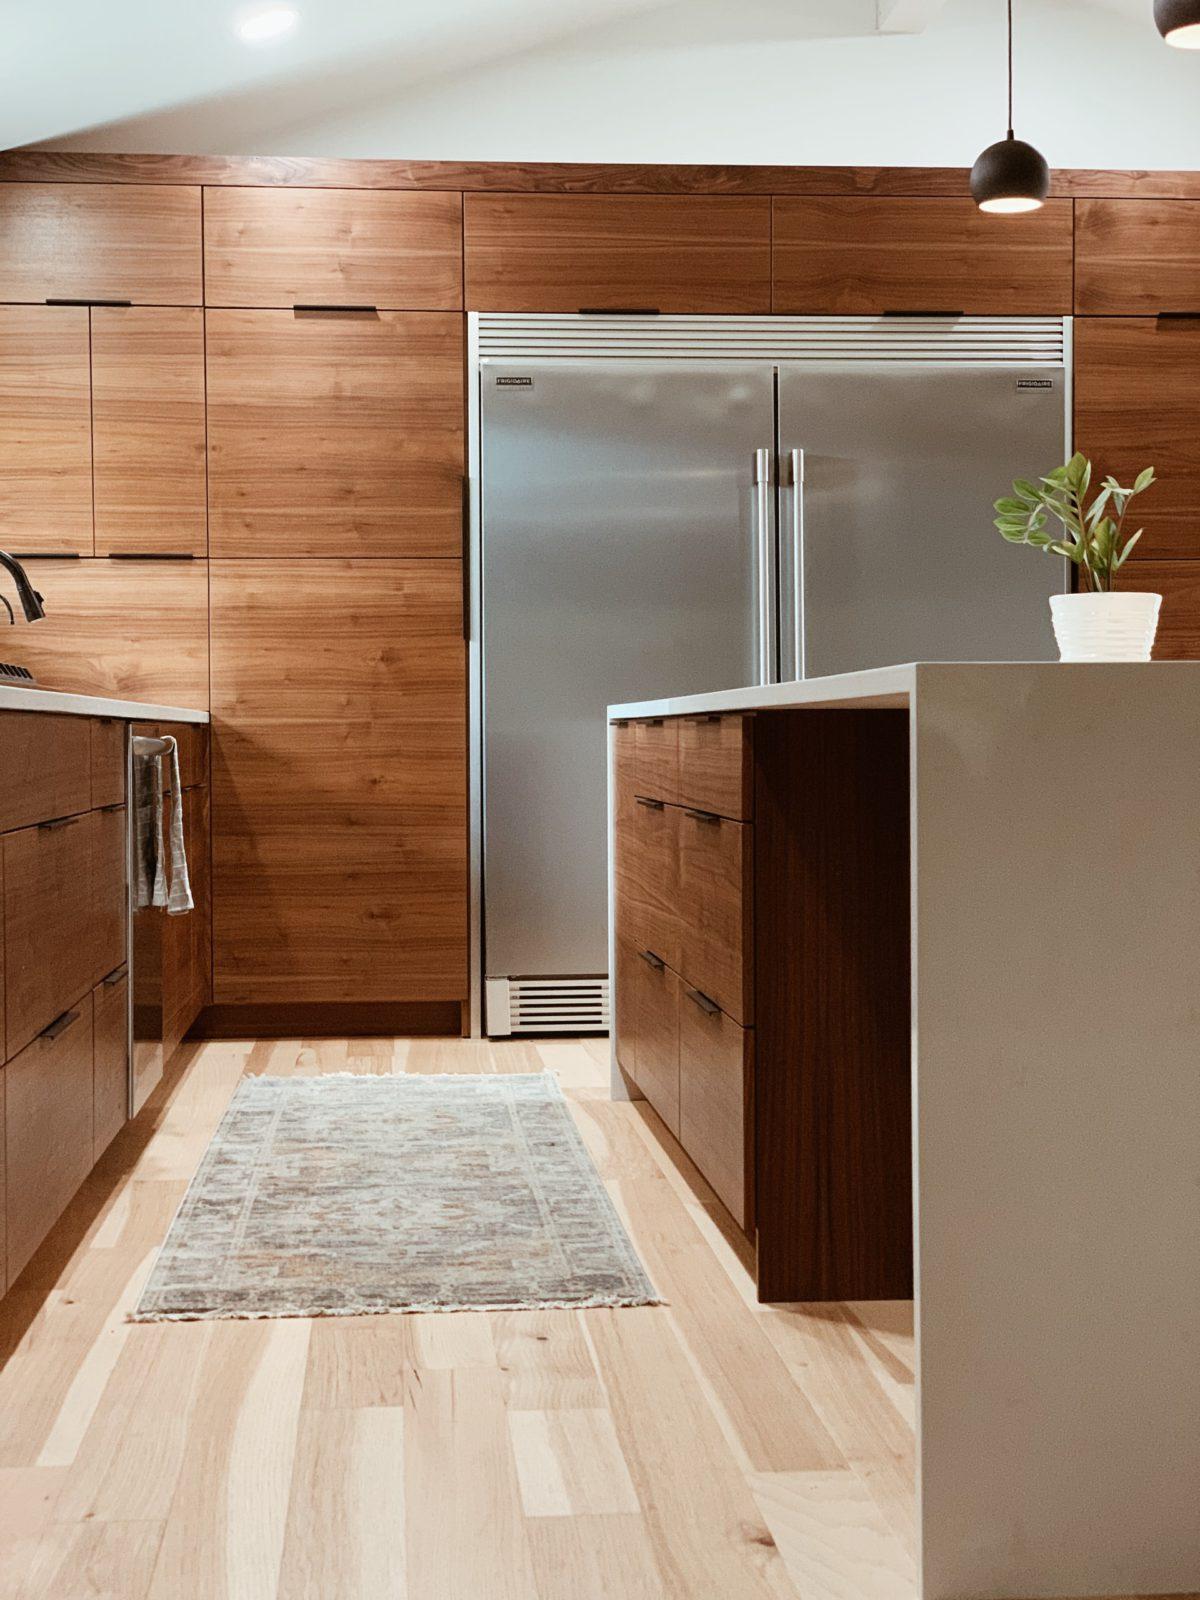 Widok na podwójną lodówkę side by side w nowoczesnej kuchni